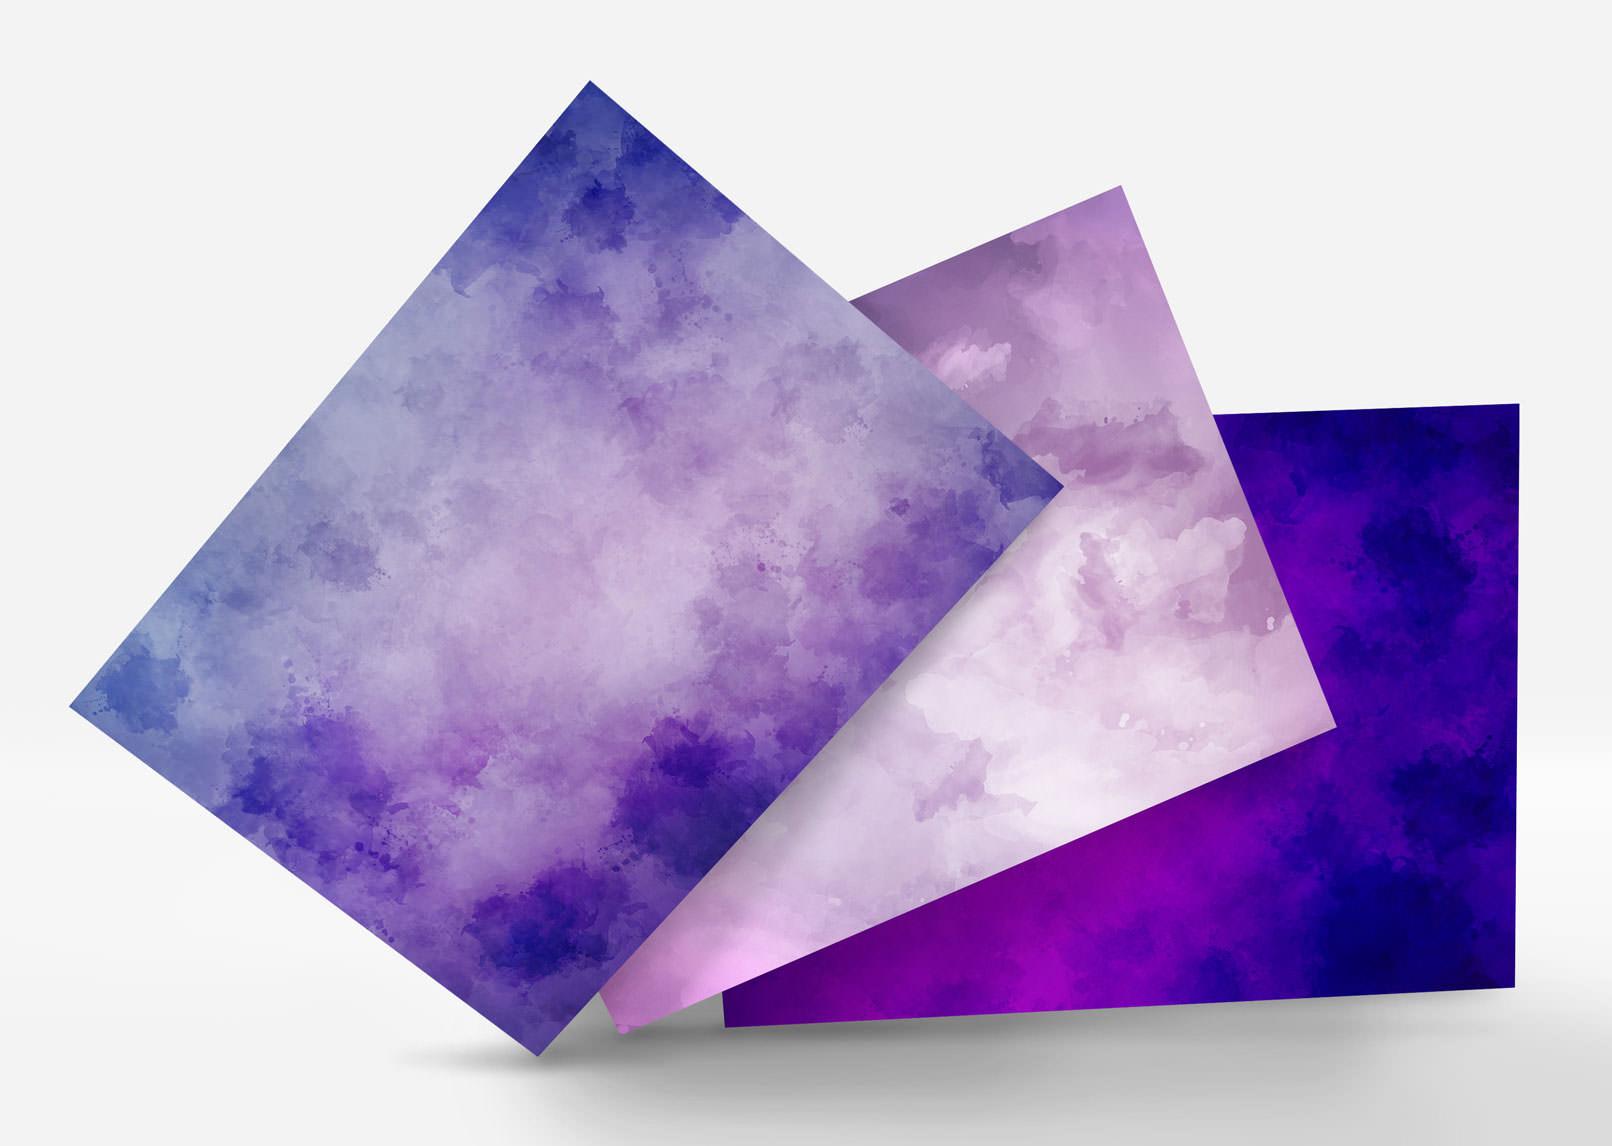 Aquarell-Hintergrund-Varianten in Lila